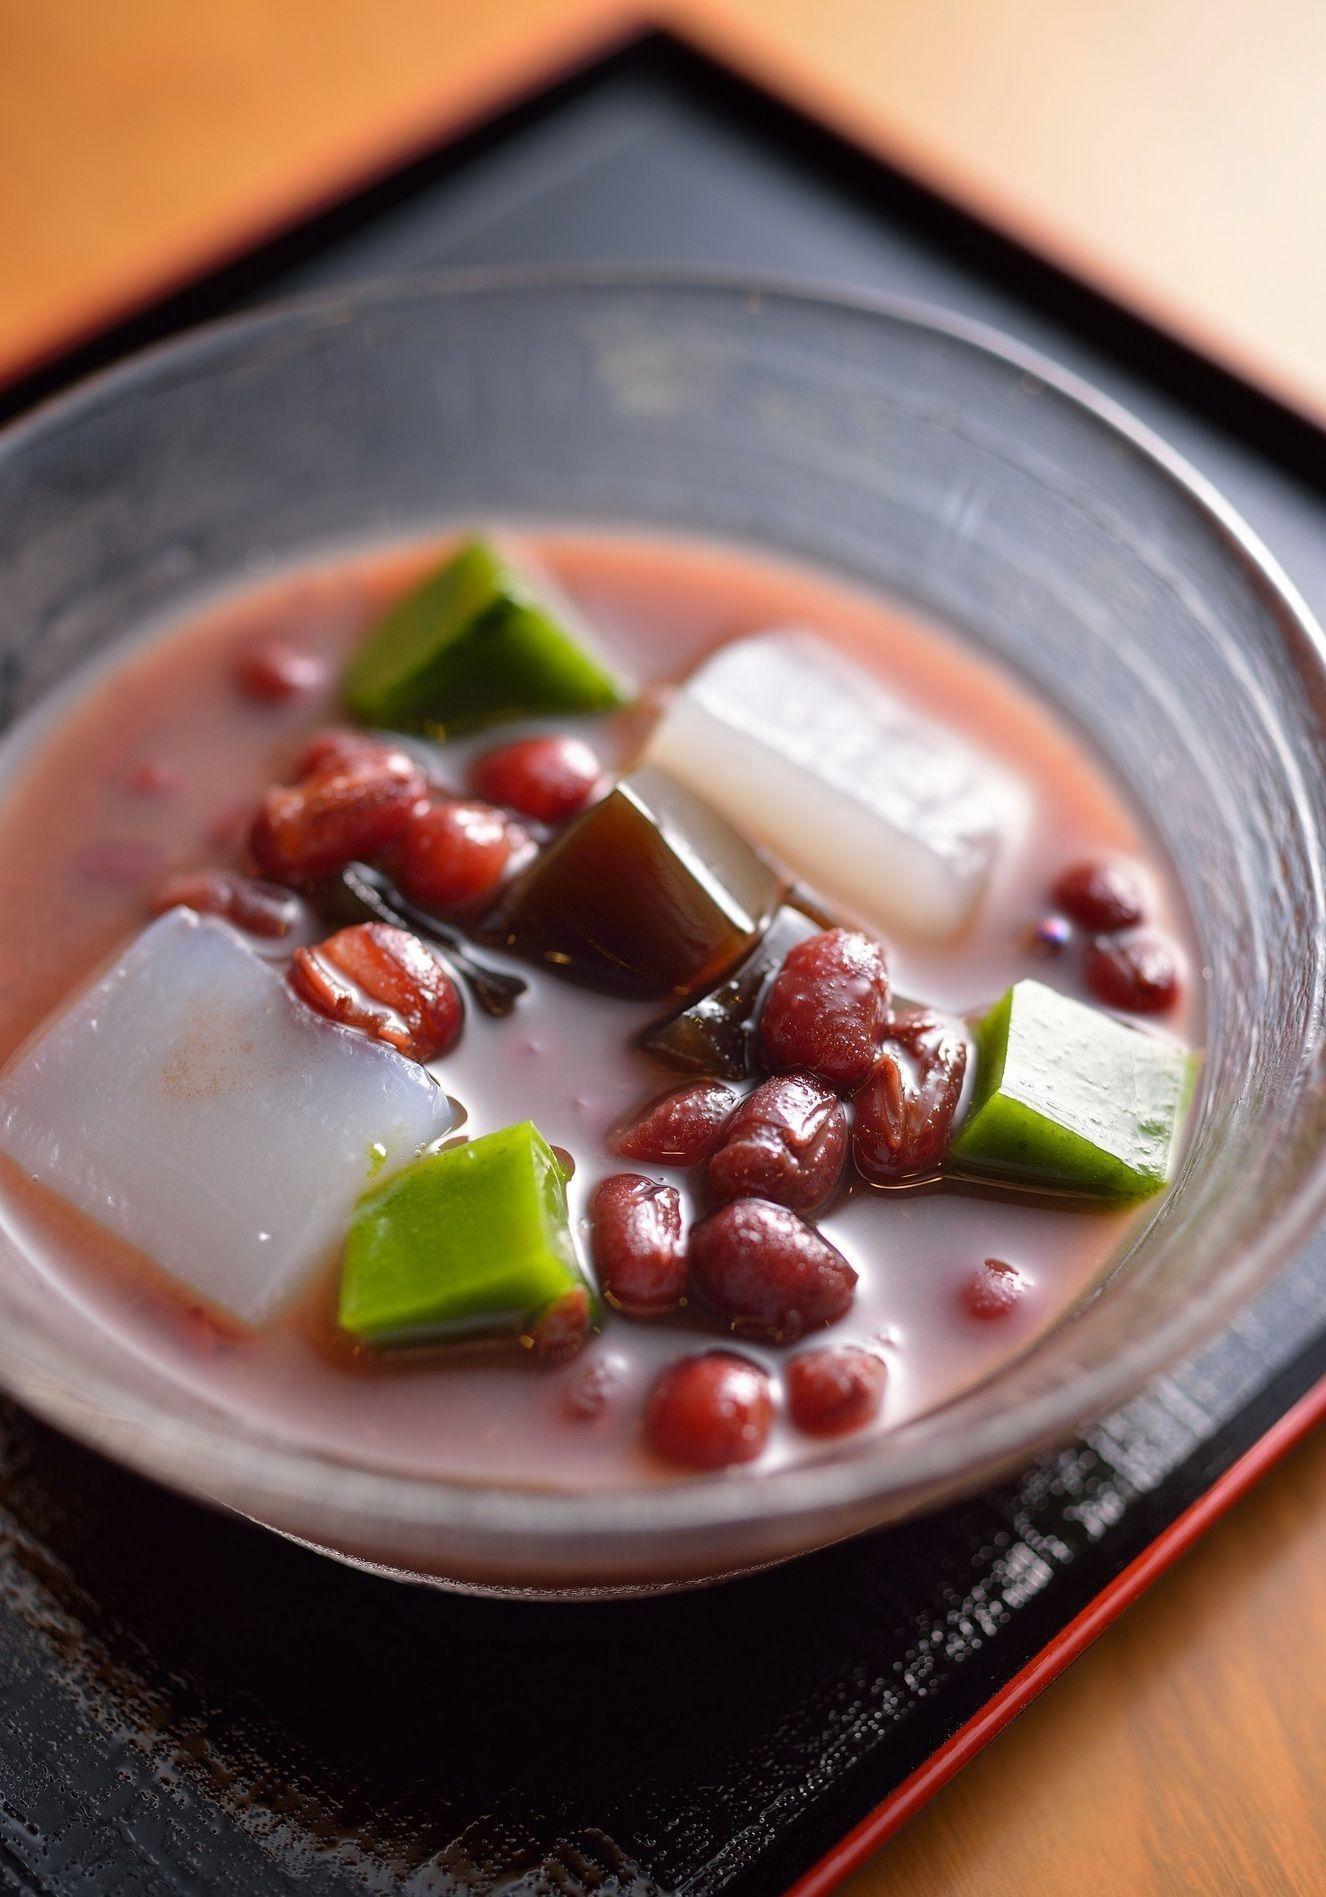 京都に来たら絶対食べなきゃ損!和から洋まで絶品デザート10選♡の画像